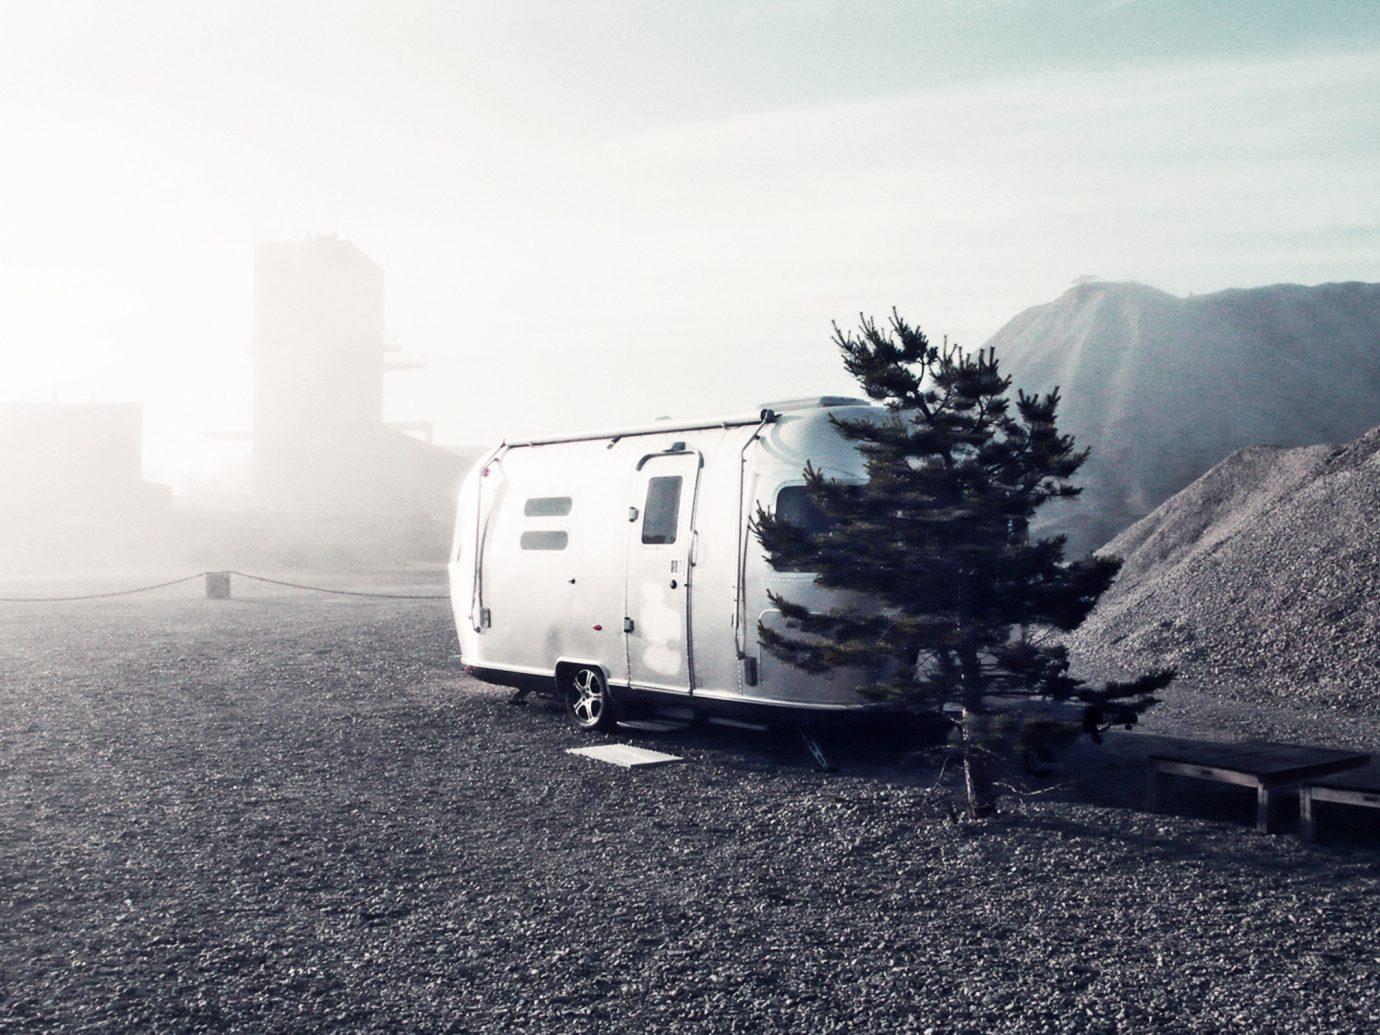 Boutique Hotels Sweden sky morning mountain road vehicle asphalt landscape Winter